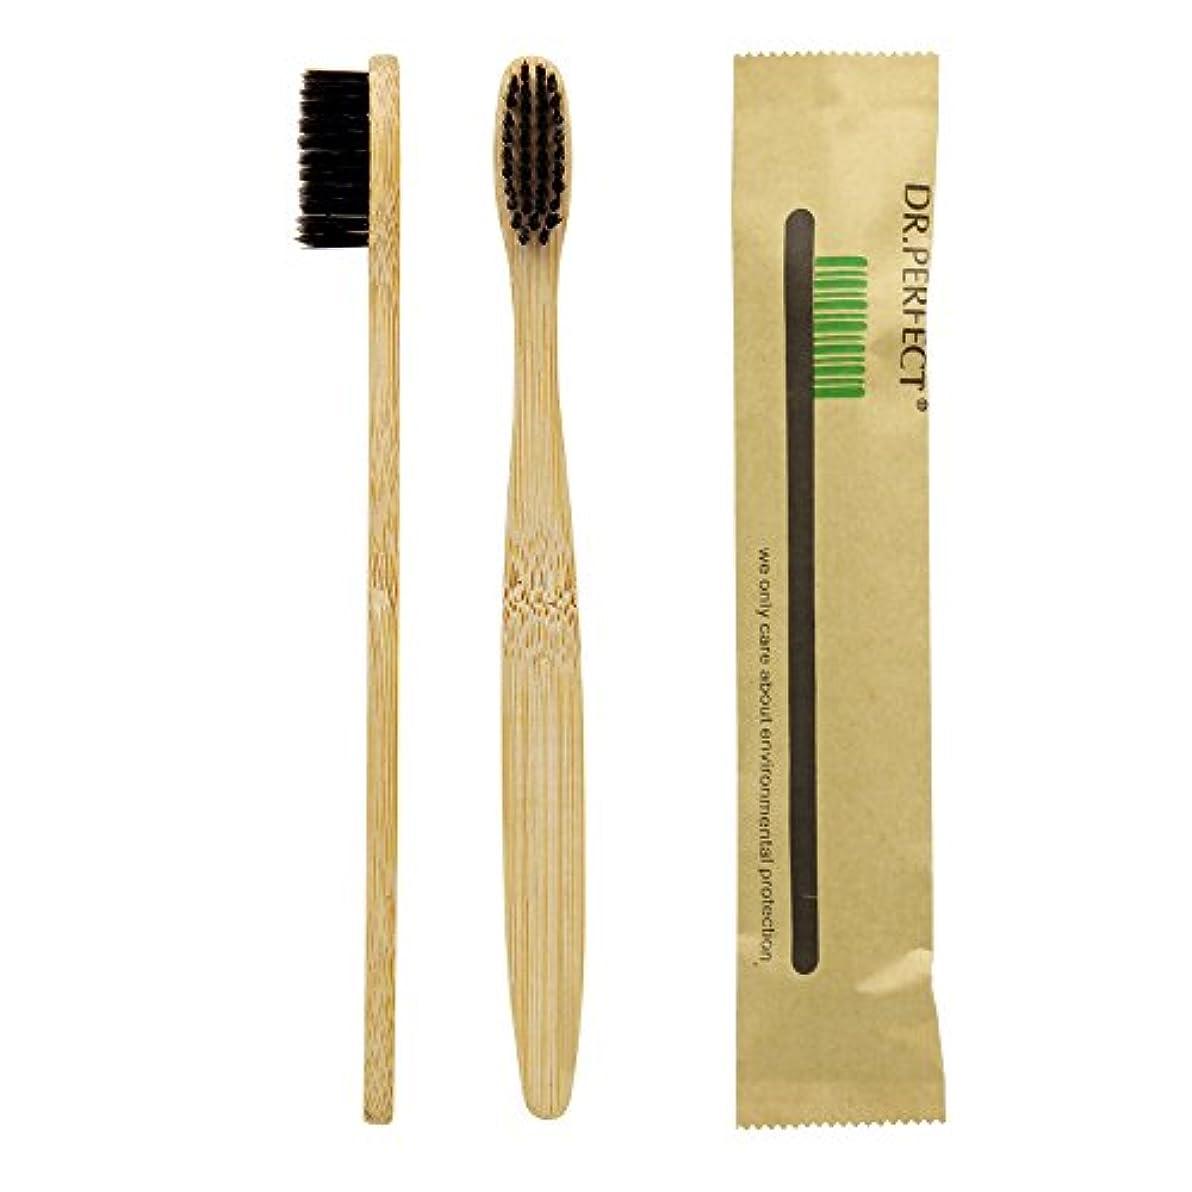 側溝前比喩Dr.Perfect 歯ブラシ 竹歯ブラシアダルト竹の歯ブラシ ナイロン毛 環境保護の歯ブラシ (ブラック)